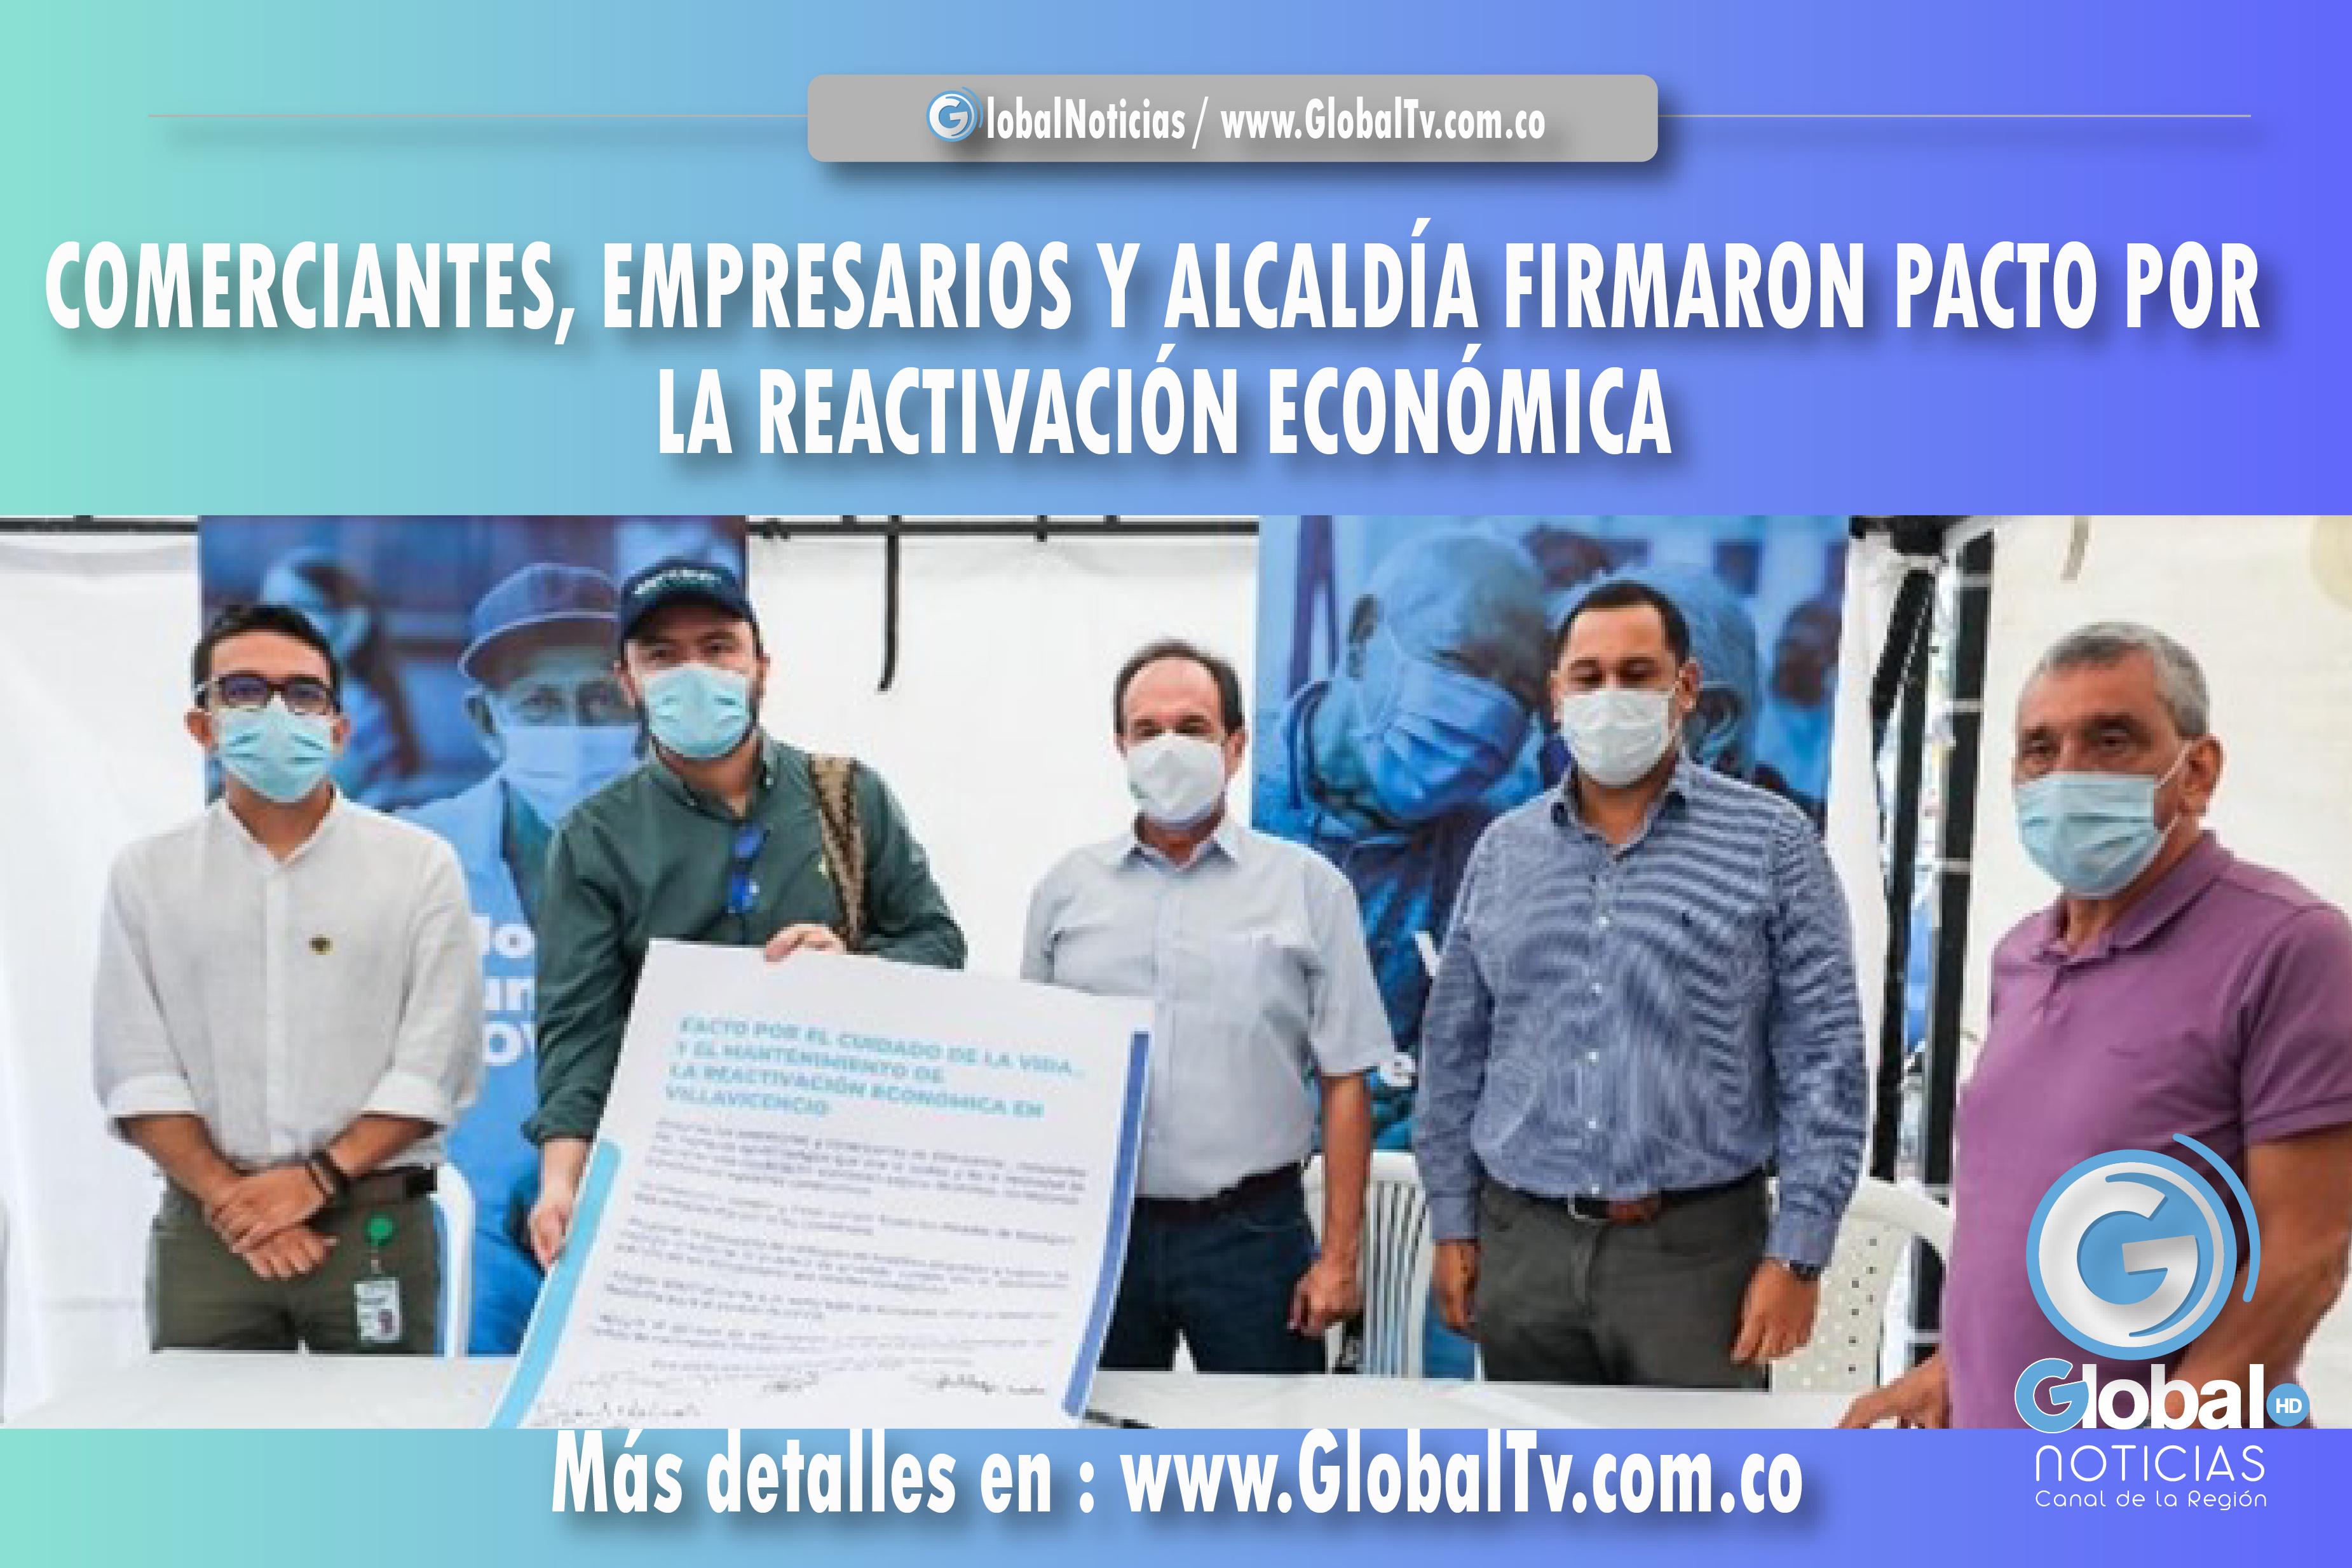 COMERCIANTES, EMPRESARIOS Y ALCALDÍA FIRMARON PACTO POR LA REACTIVACIÓN ECONÓMICA RESPONSABLE EN VILLAVICENCIO